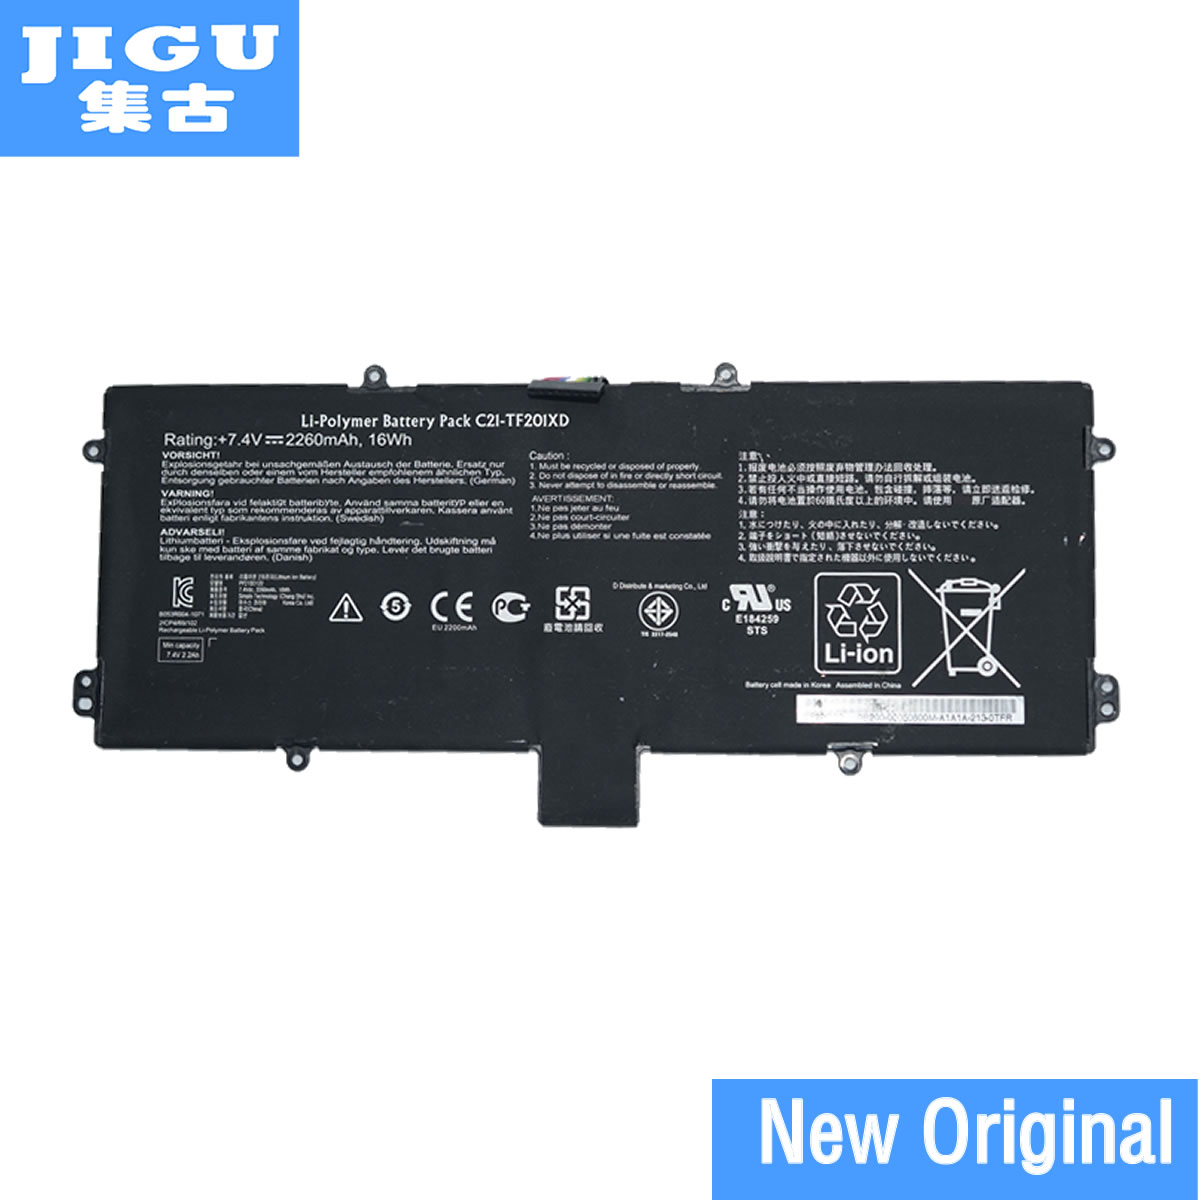 JIGU Dorigine batterie dordinateur portable C21-TF201XD C21-TF20IXD Pour ASUS Pour Eee Pad TF201 TF201XDJIGU Dorigine batterie dordinateur portable C21-TF201XD C21-TF20IXD Pour ASUS Pour Eee Pad TF201 TF201XD